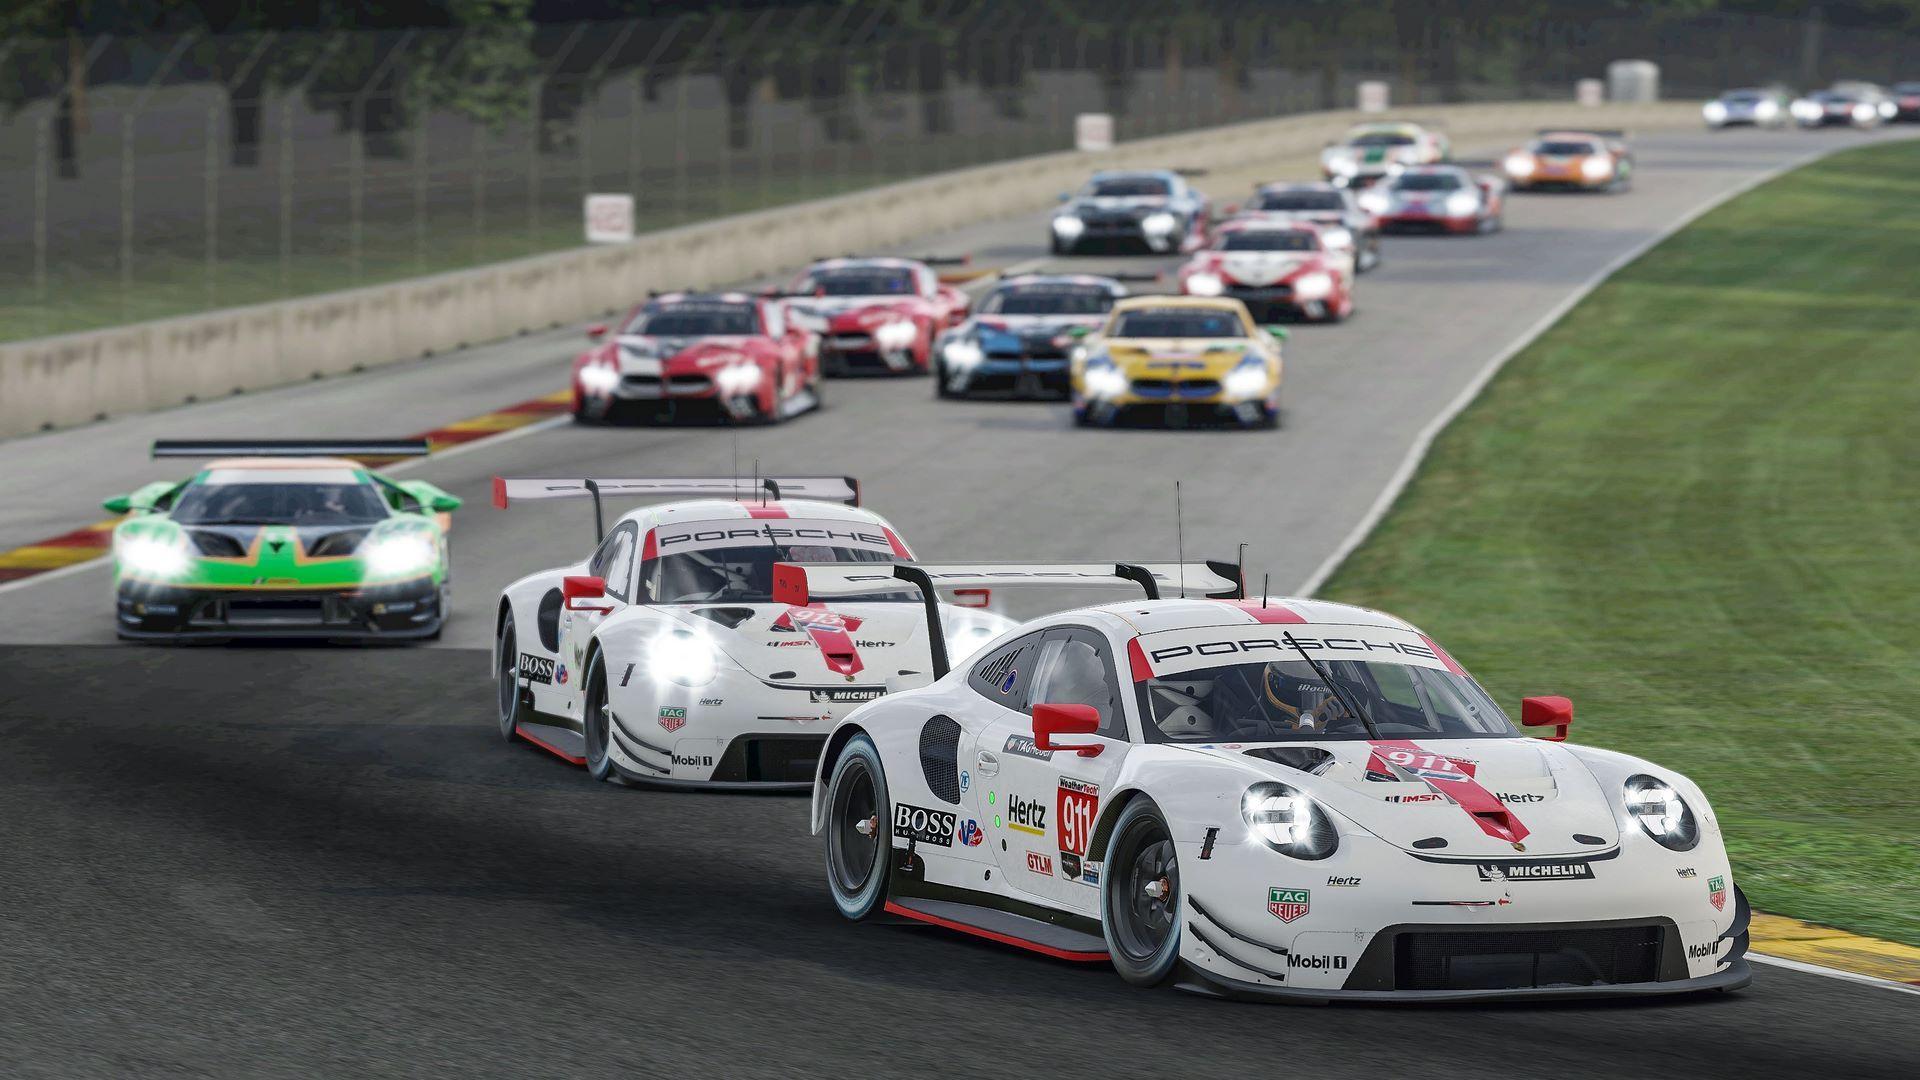 Porsche 911 RSR, Porsche GT Team (#911), Nick Tandy (GB), Porsche Junior (#913), Ayhancan Güven (TR), Start